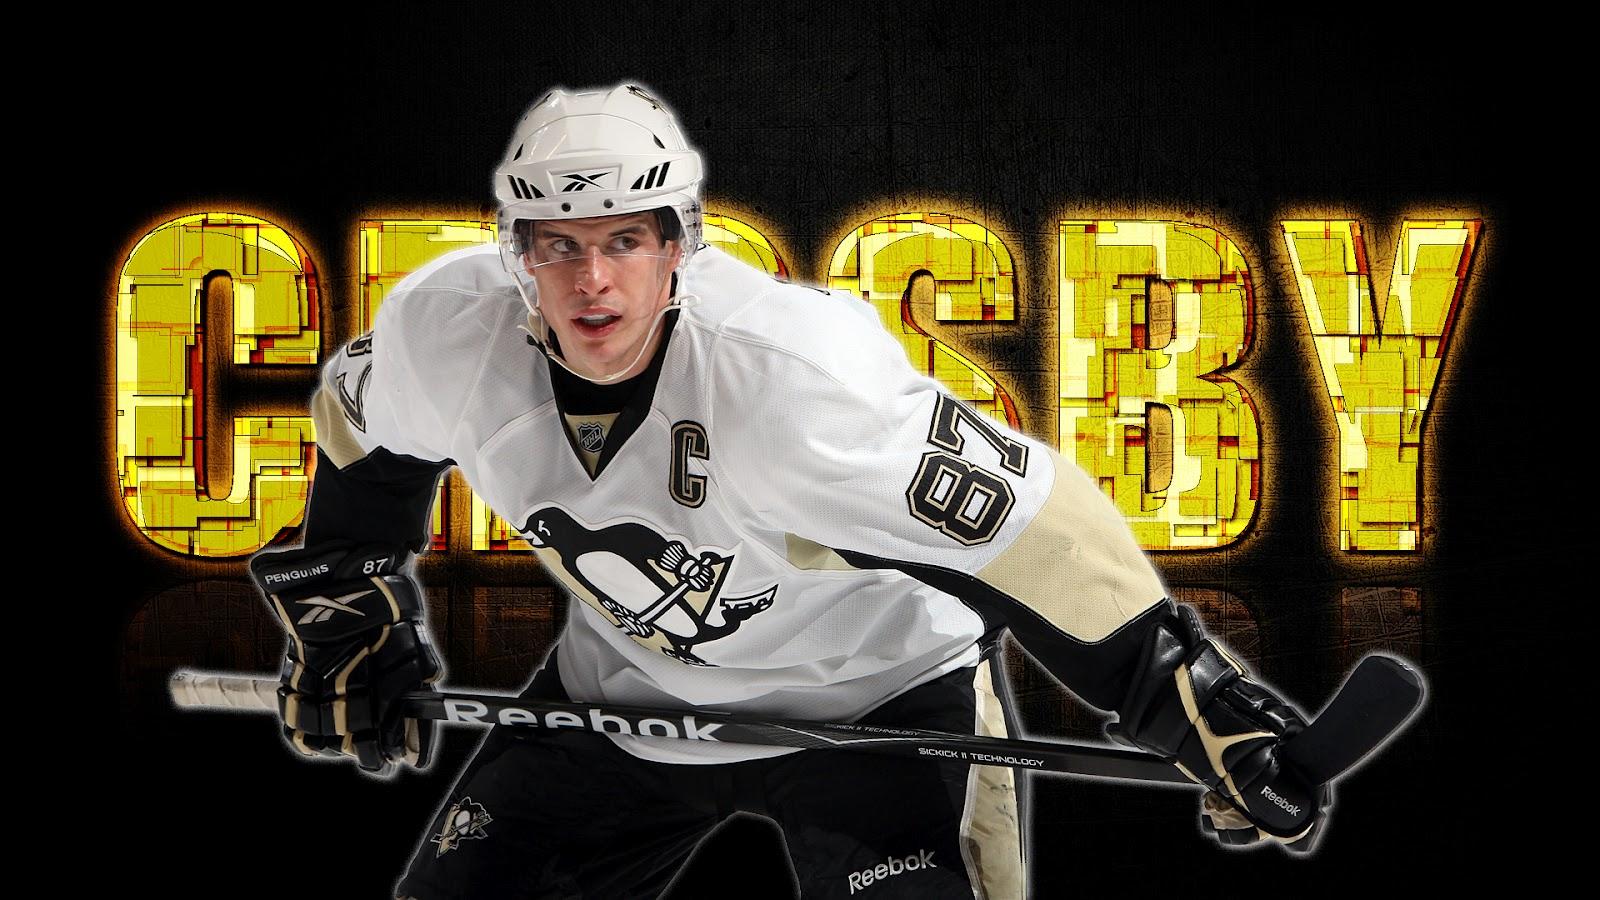 New Sports Stars Sidney Crosby Wallpaper 2012 1600x900